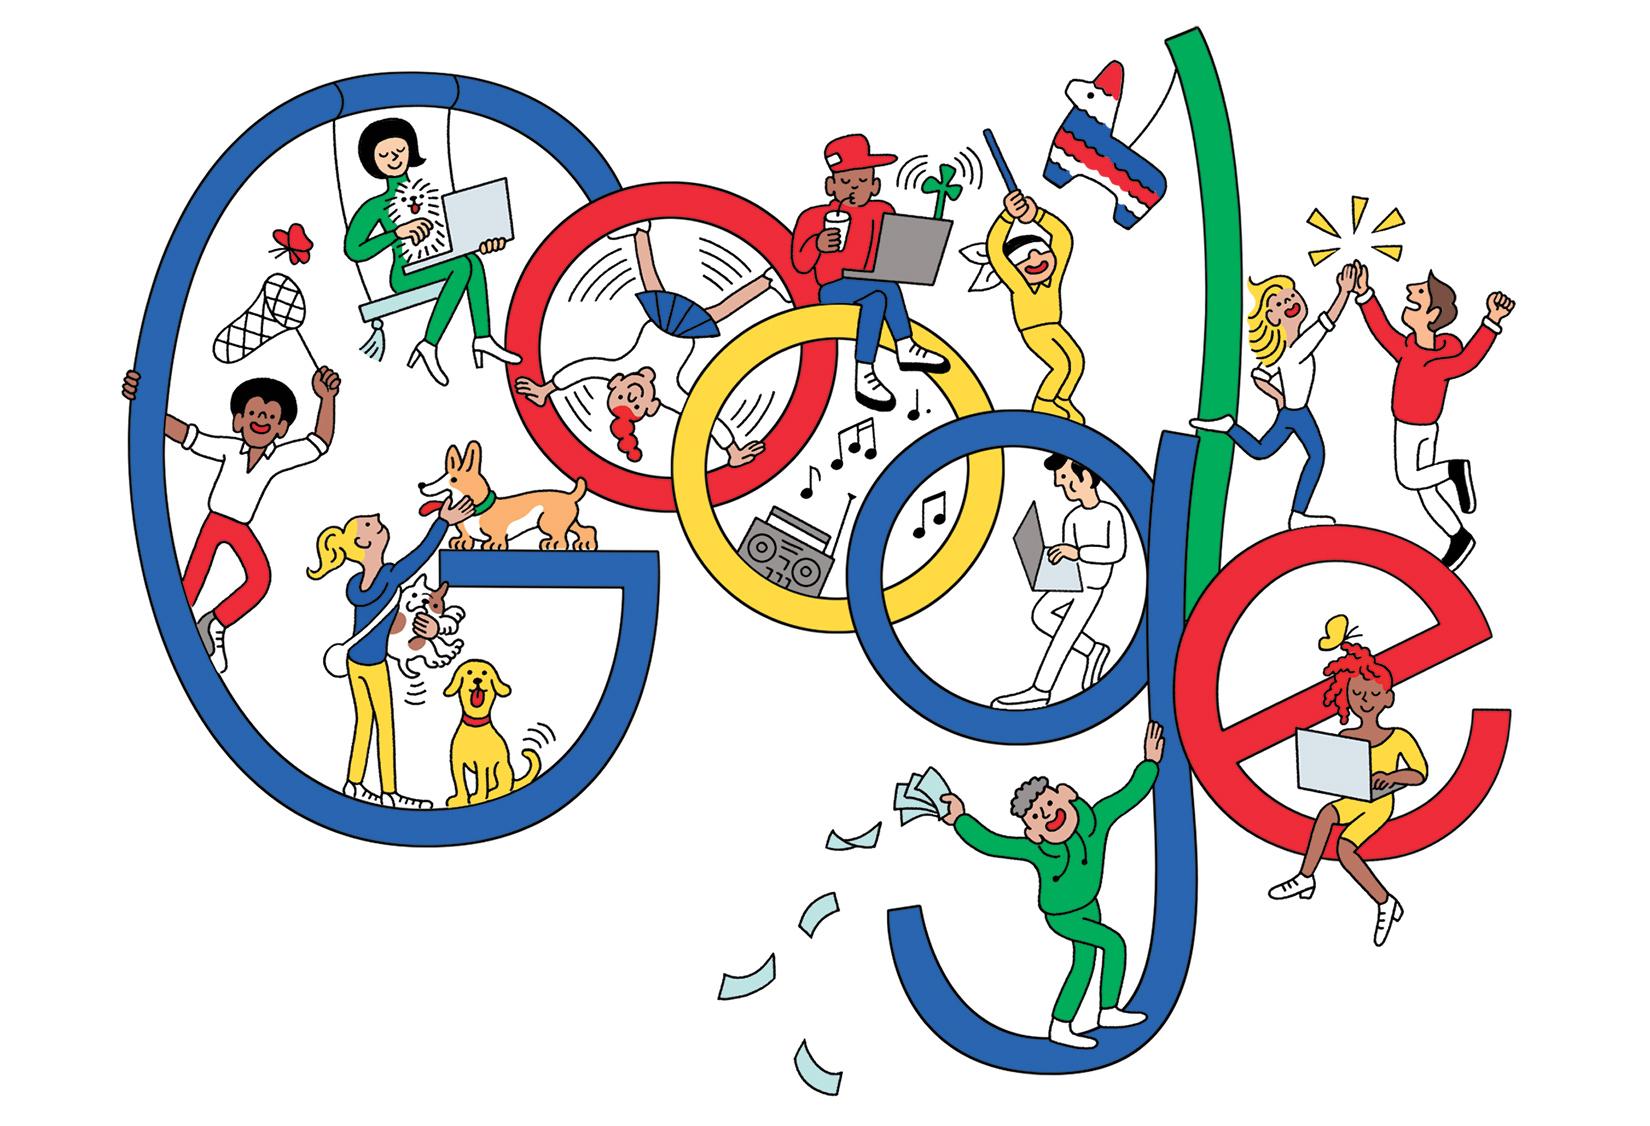 Google's Self-Help Book